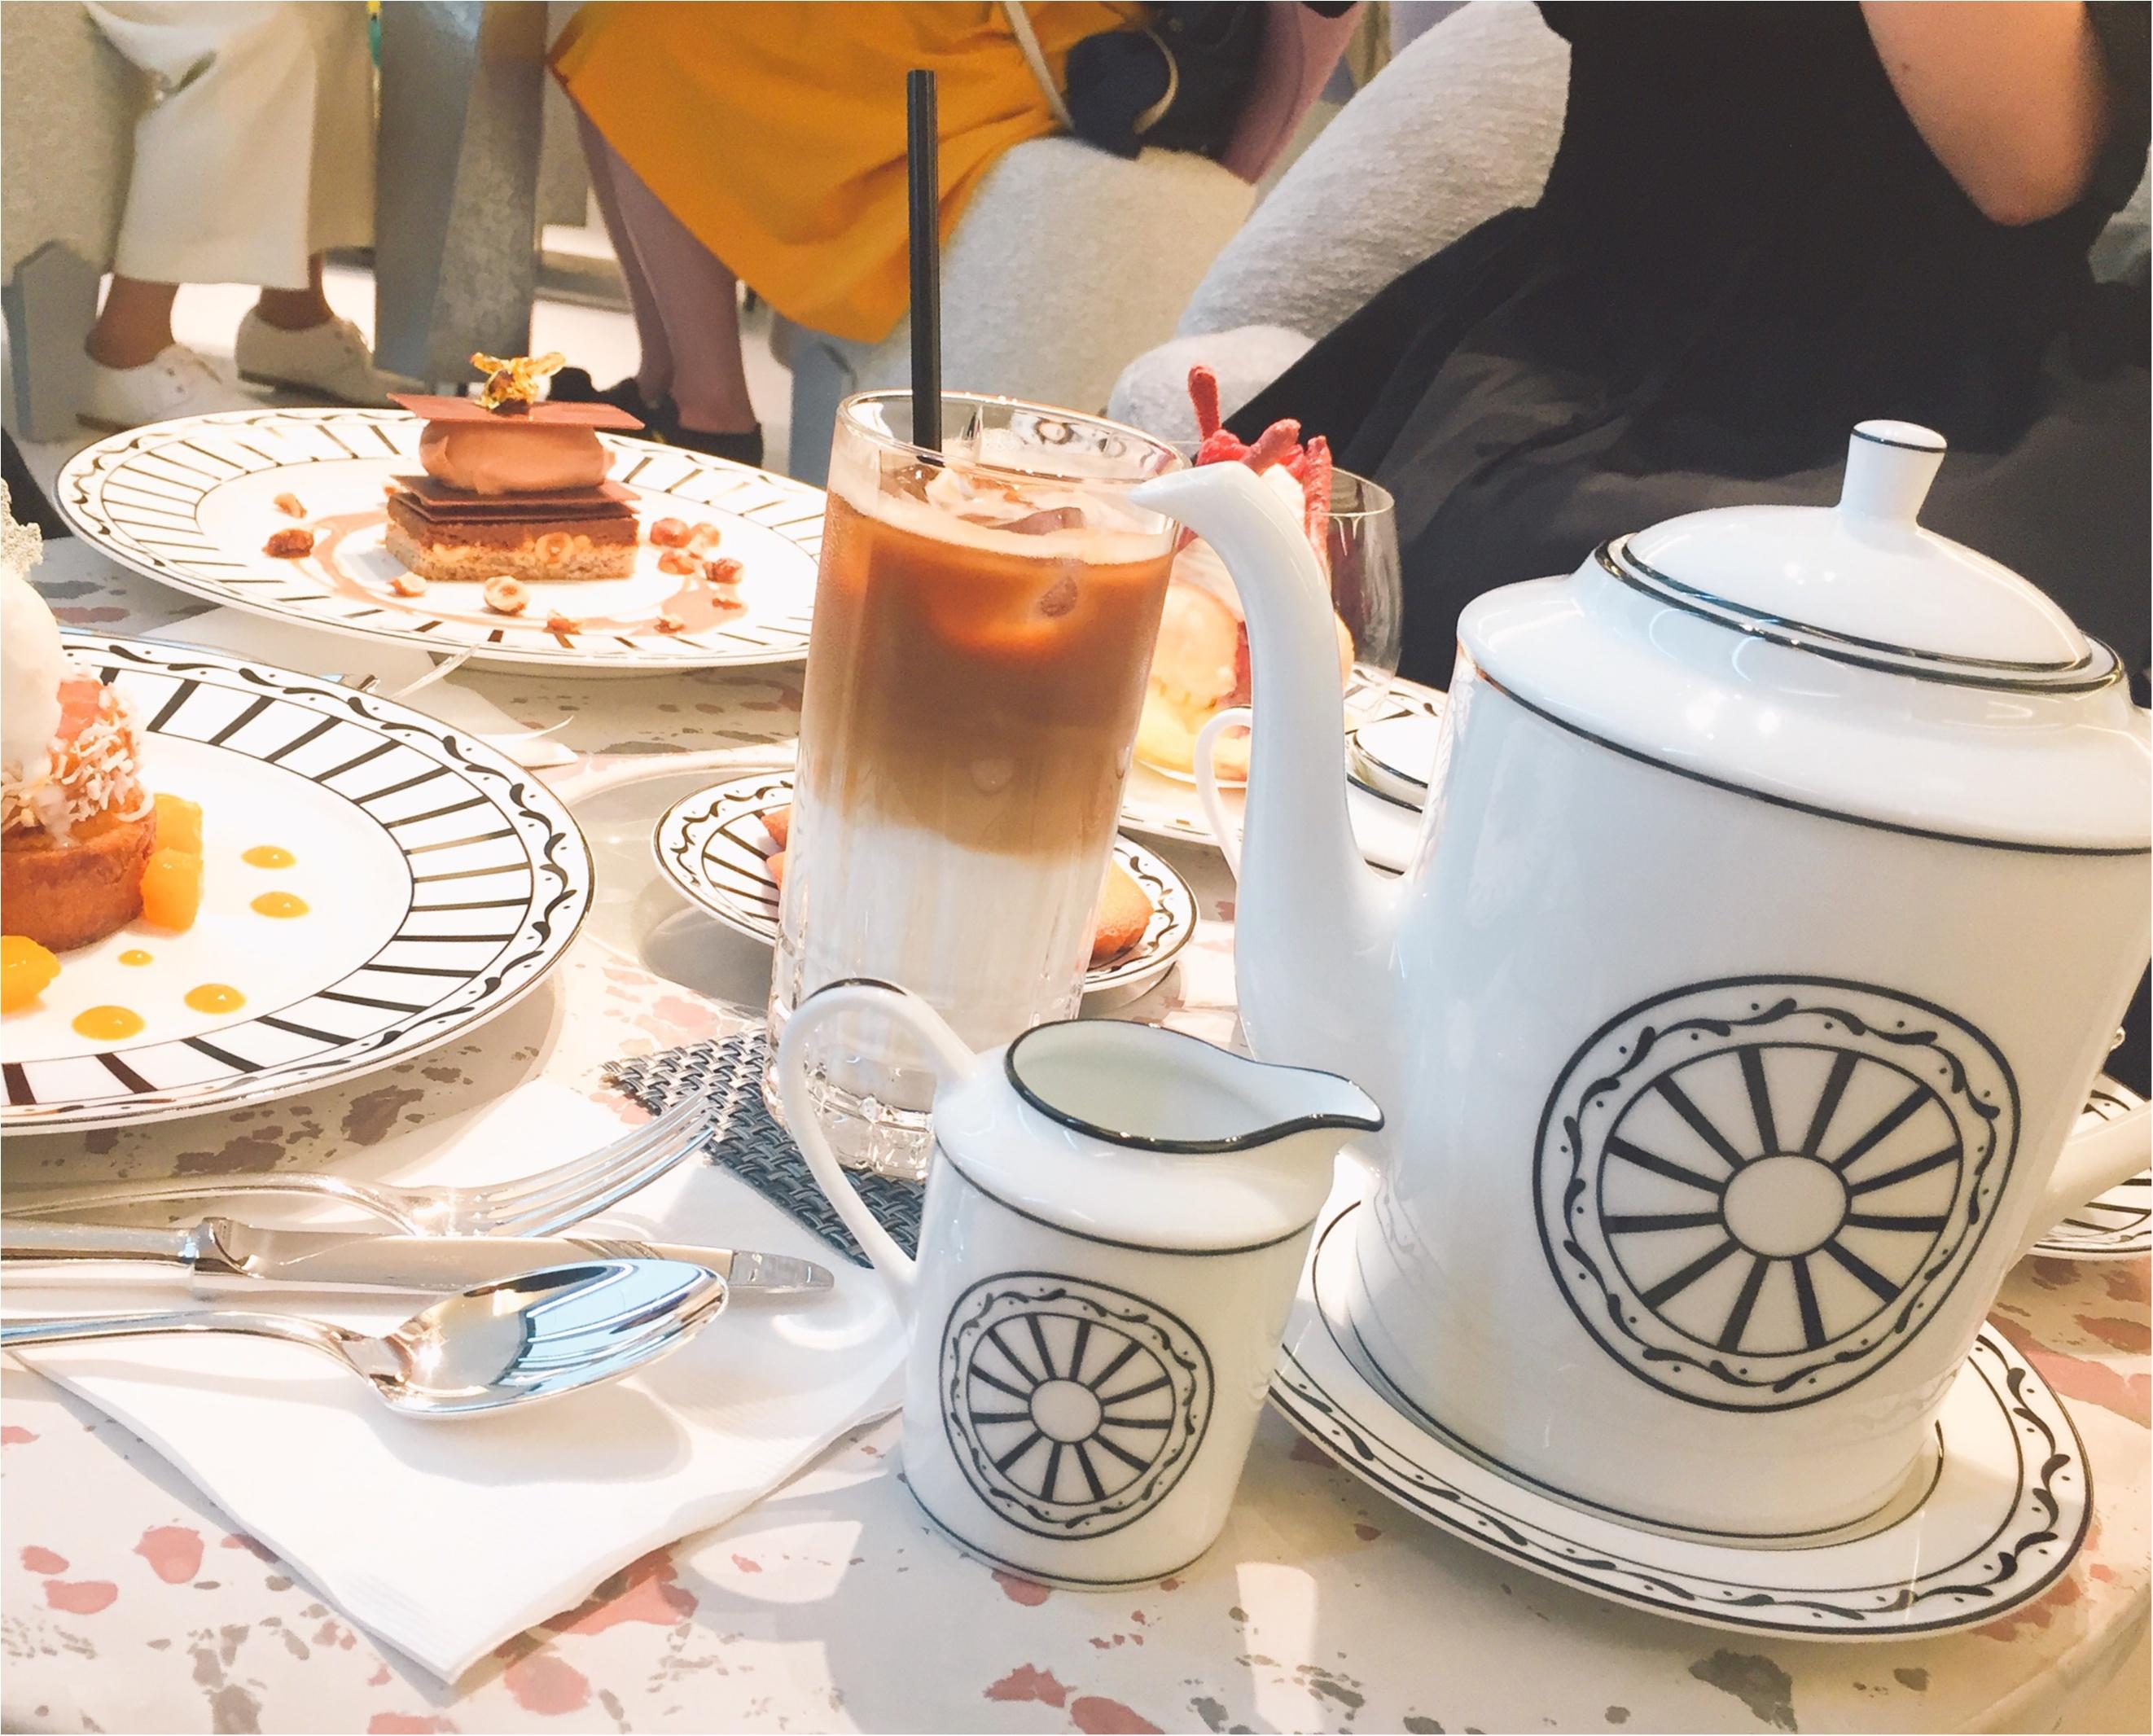 【GINZASIXの楽しみかた】日本初出店!ピエールエルメ監修のCafeDiorで優雅なティータイムを楽しむ!!_4